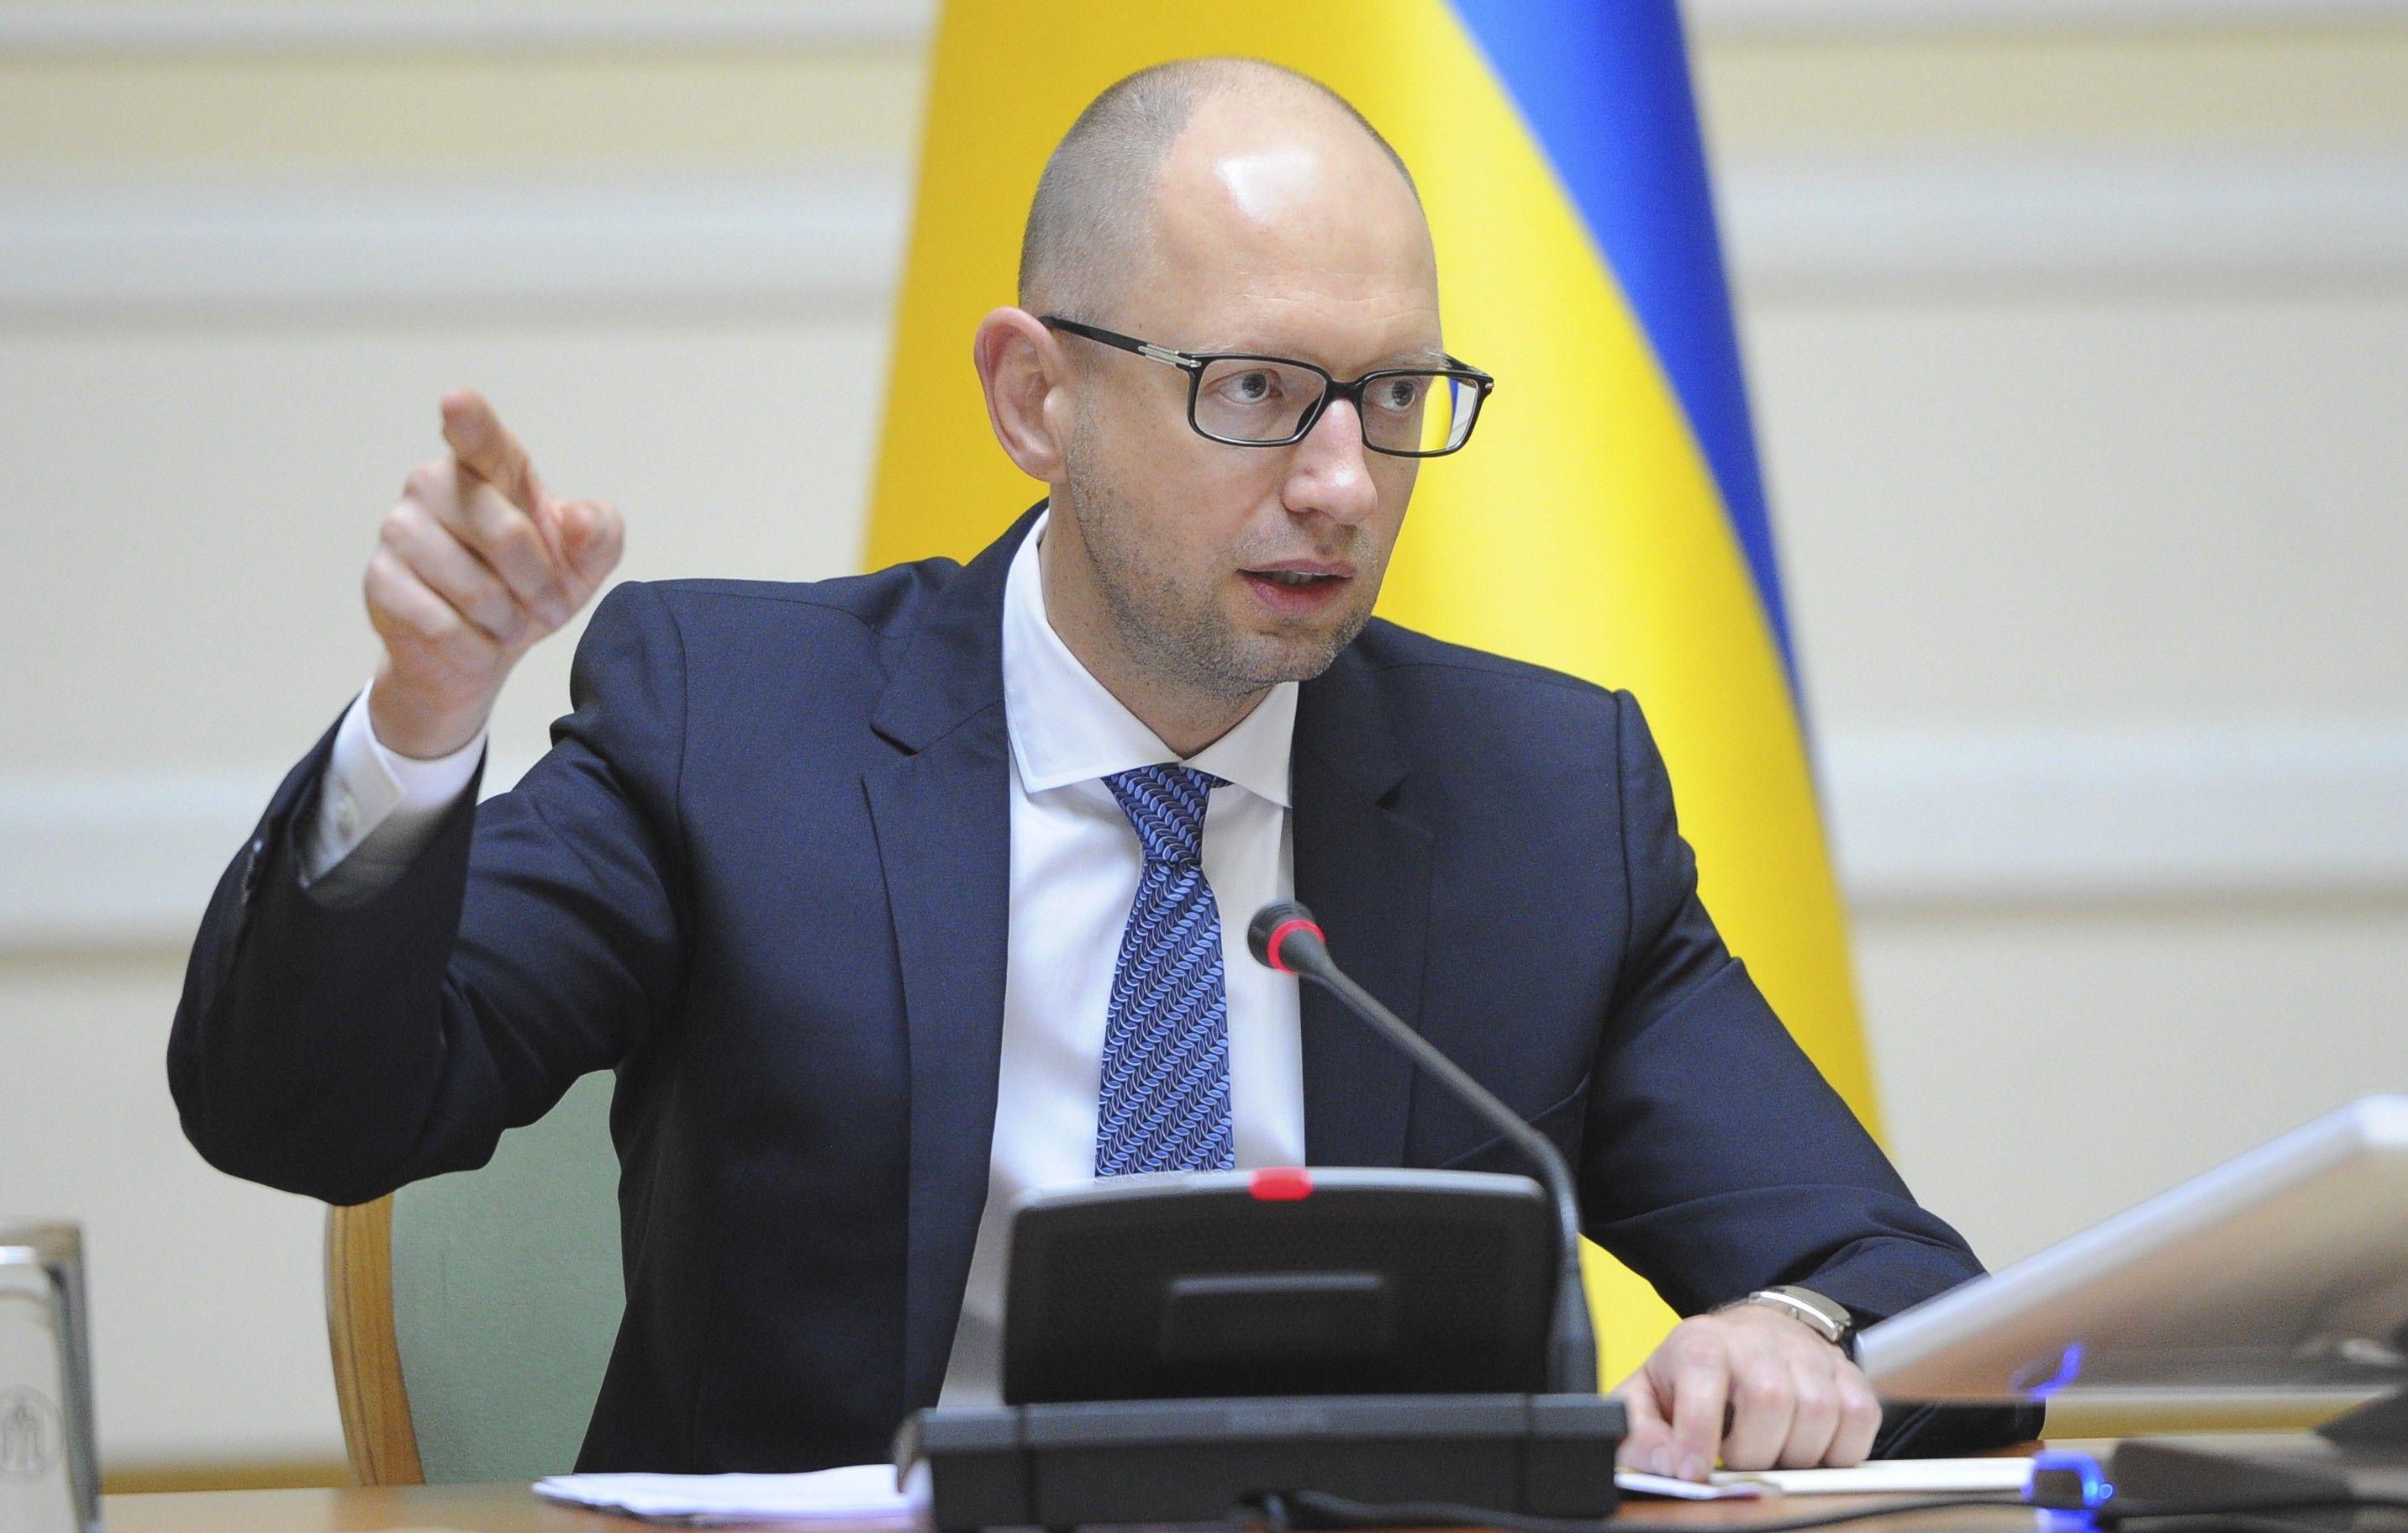 Яценюк: Альтернативы сотрудничеству с МВФ для Украины нет